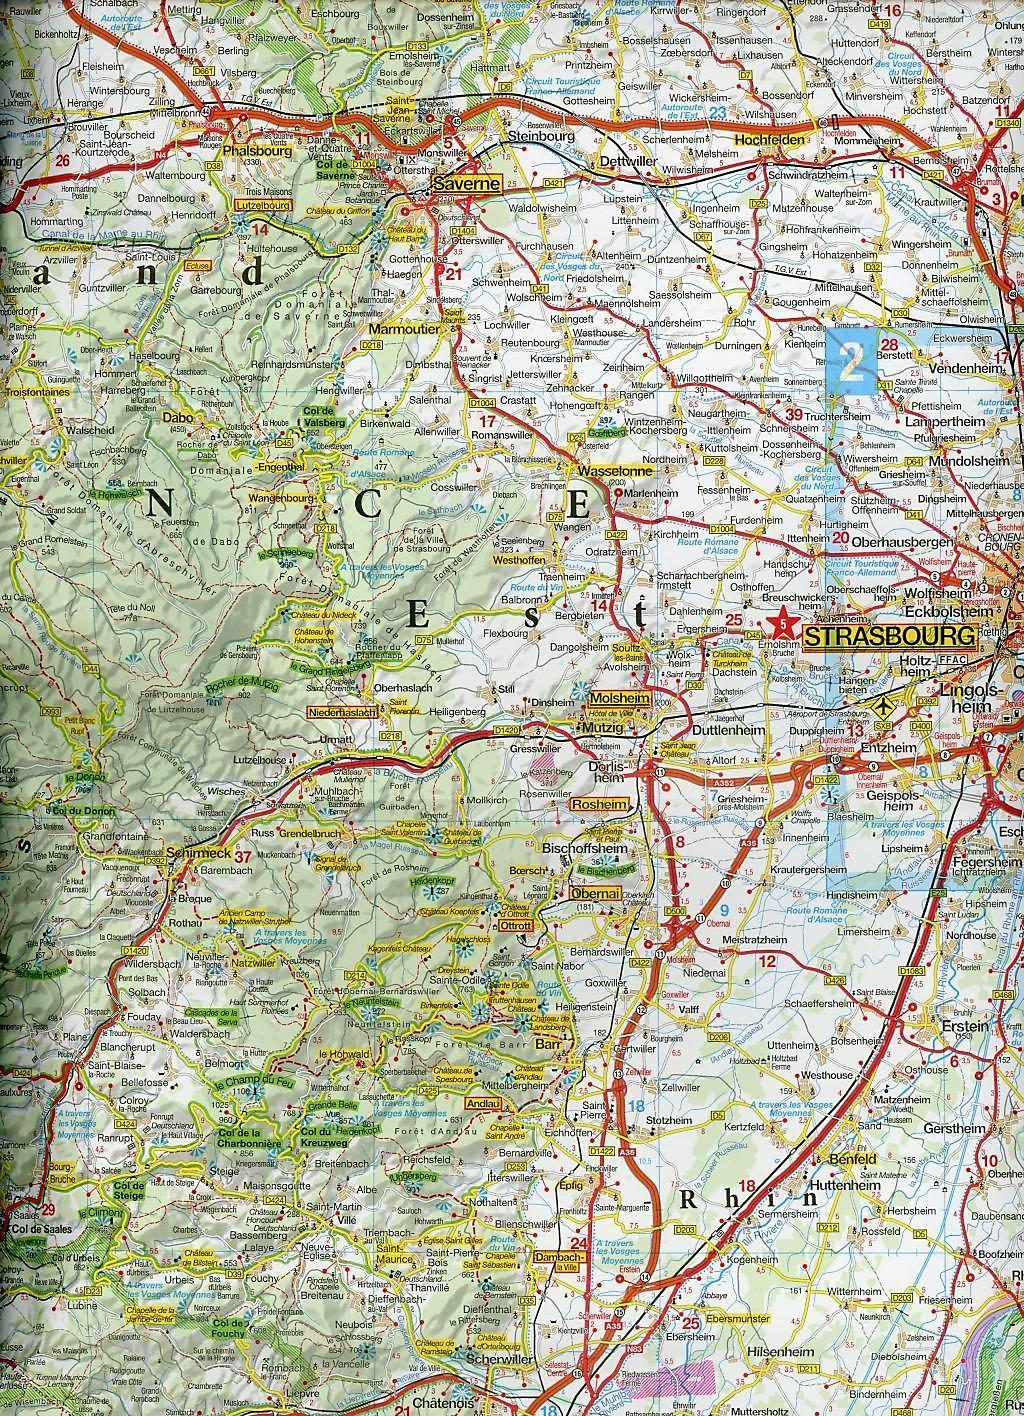 Elsass Karte Frankreich.Marco Polo Karte Frankreich Vogesen Elsass Schwarzwald 1 200 000